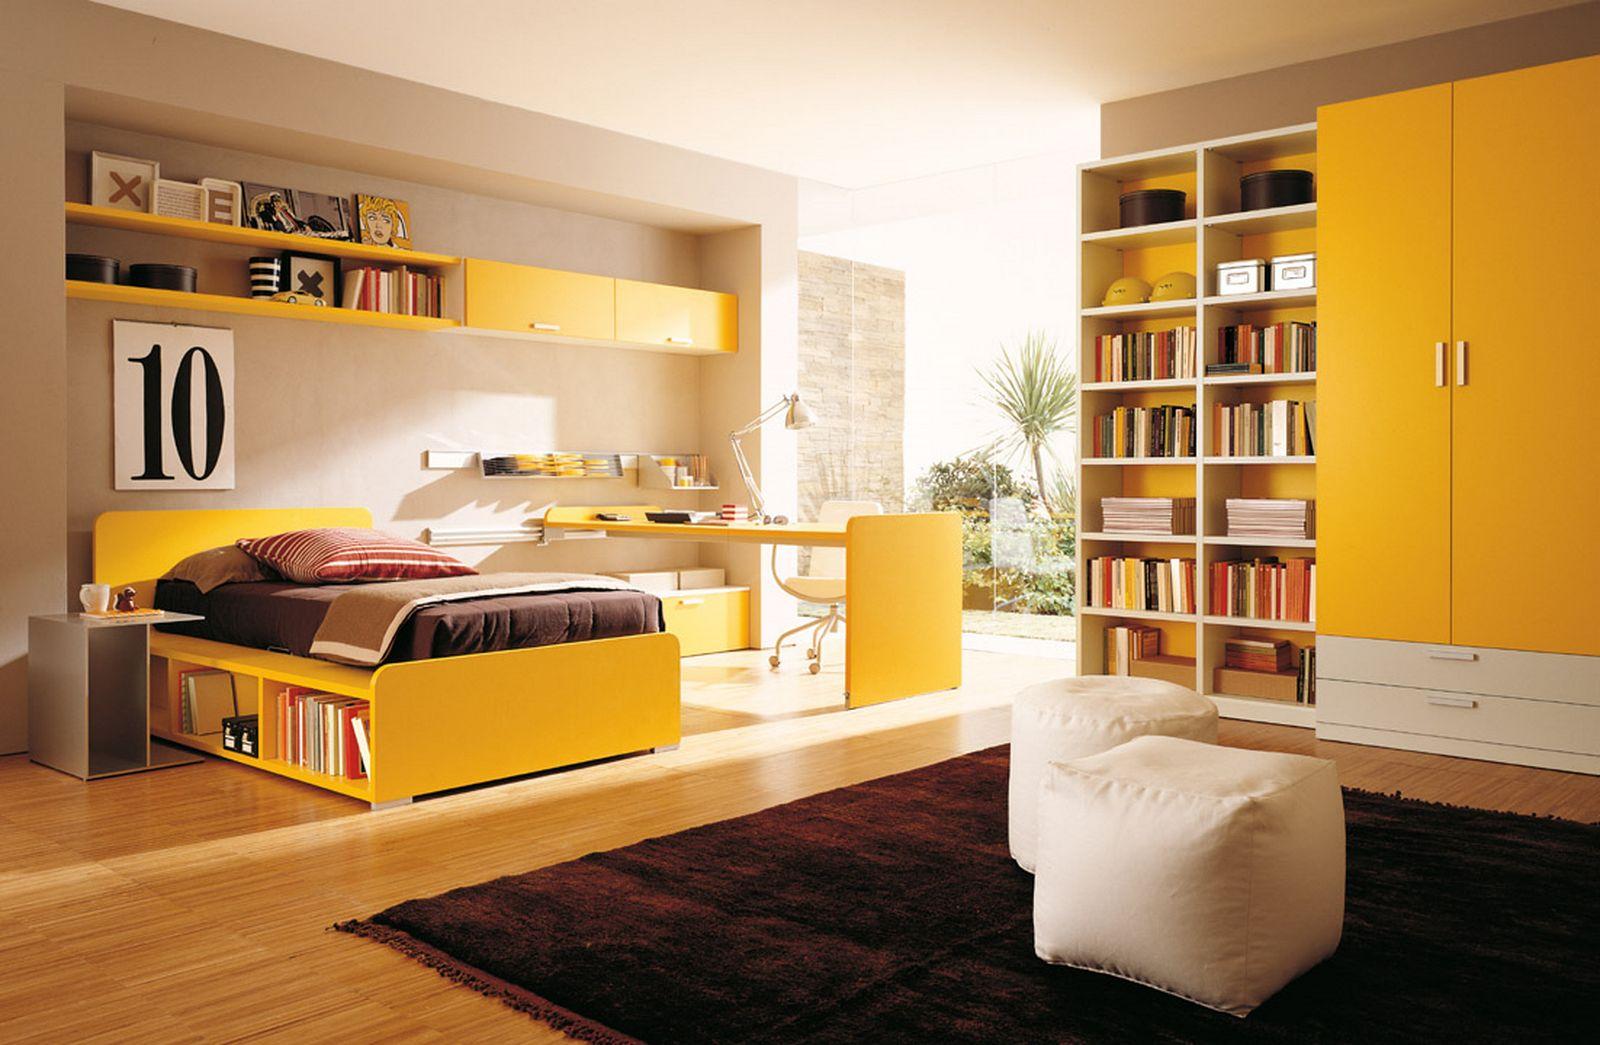 decoração quarto amarelo